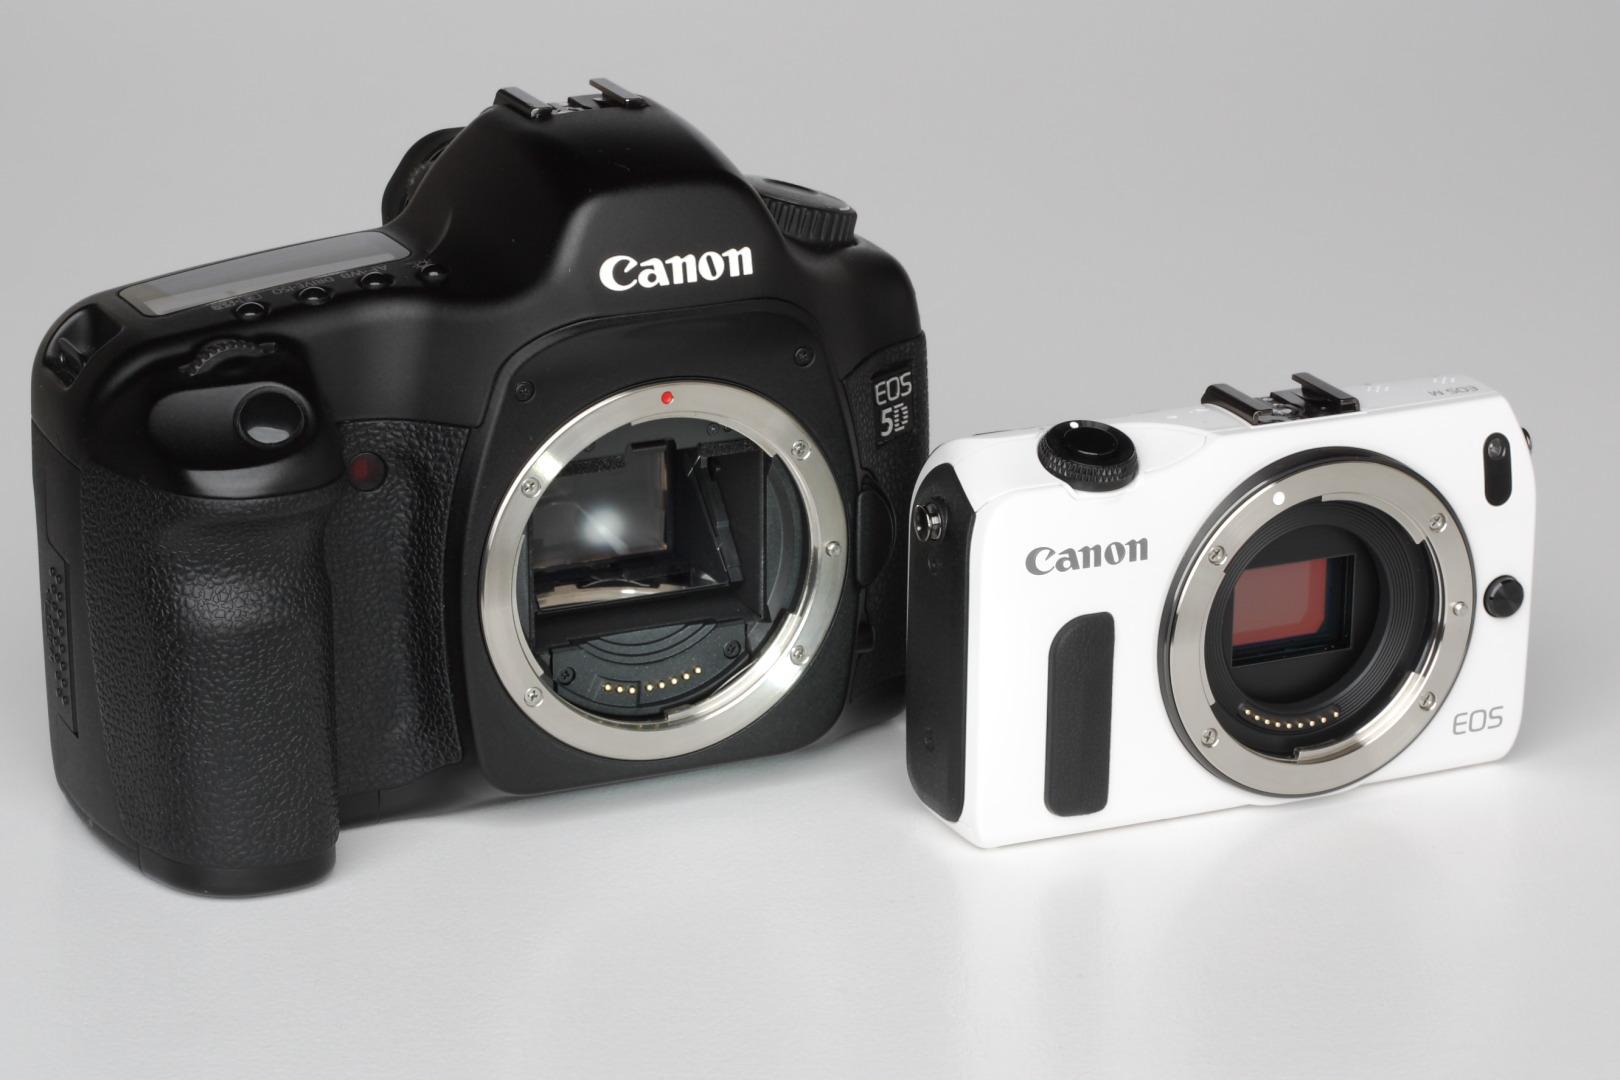 Canon EOS M vs EOS 700D (Rebel T5i) | Comparativa - YouTube